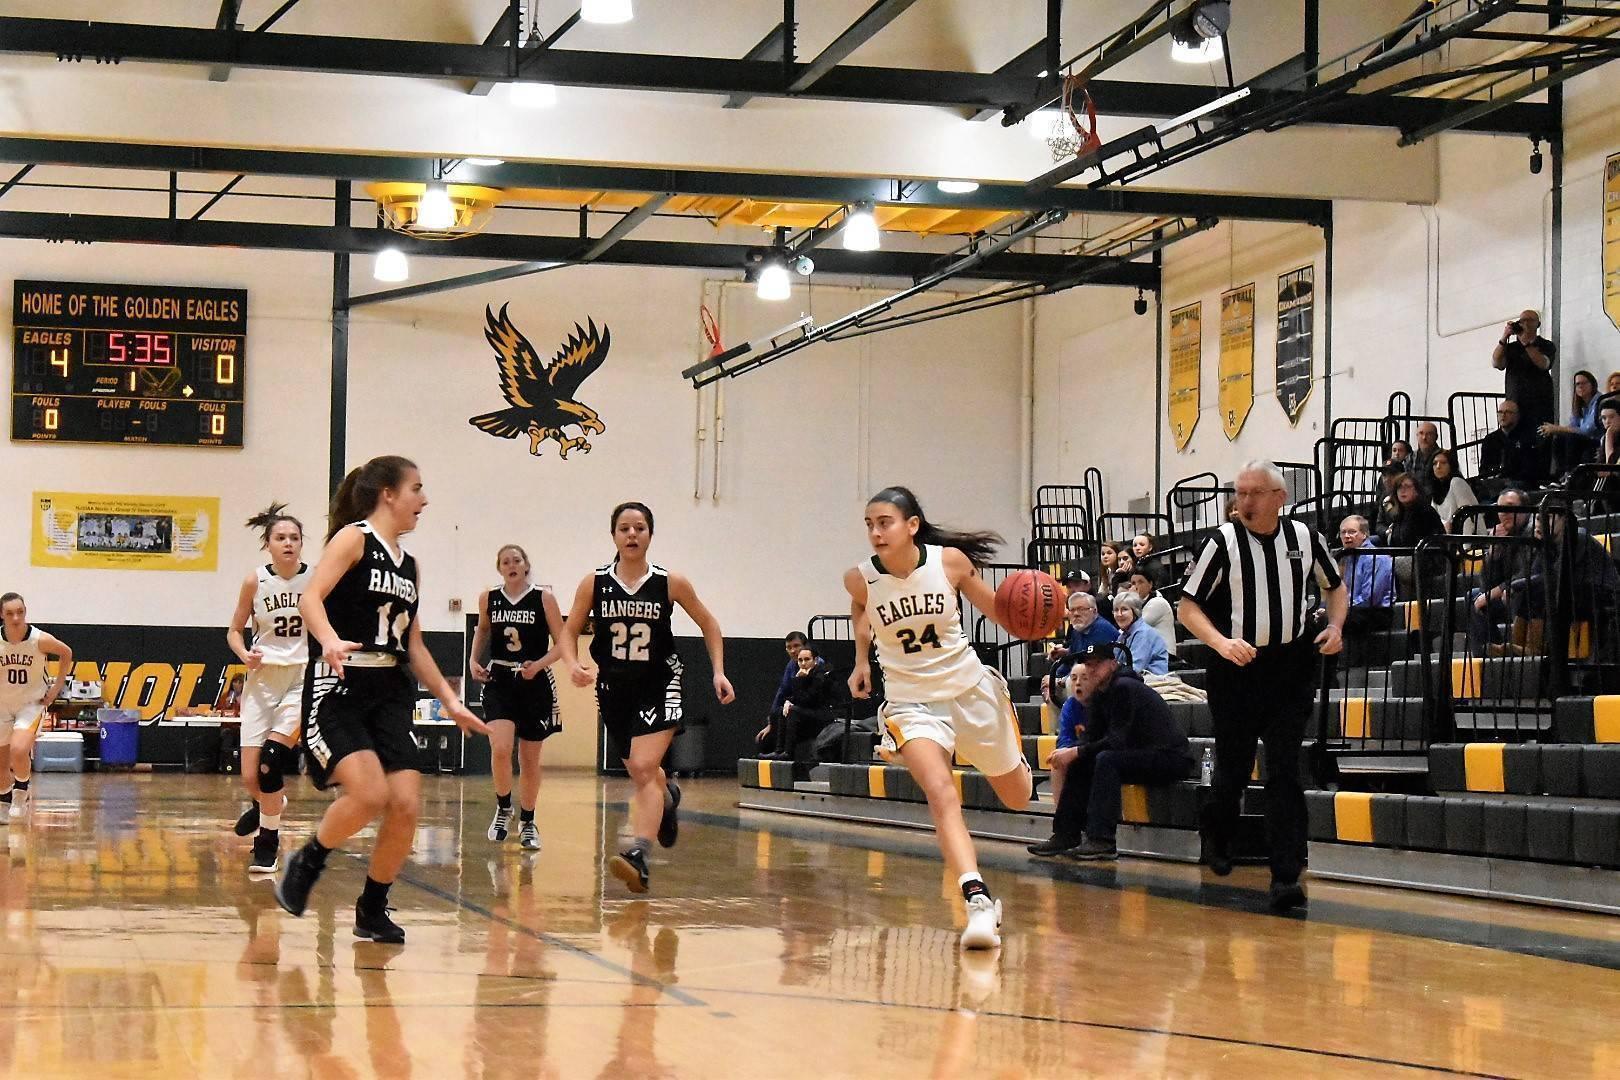 Girls Basketball 07.01182019.JPG